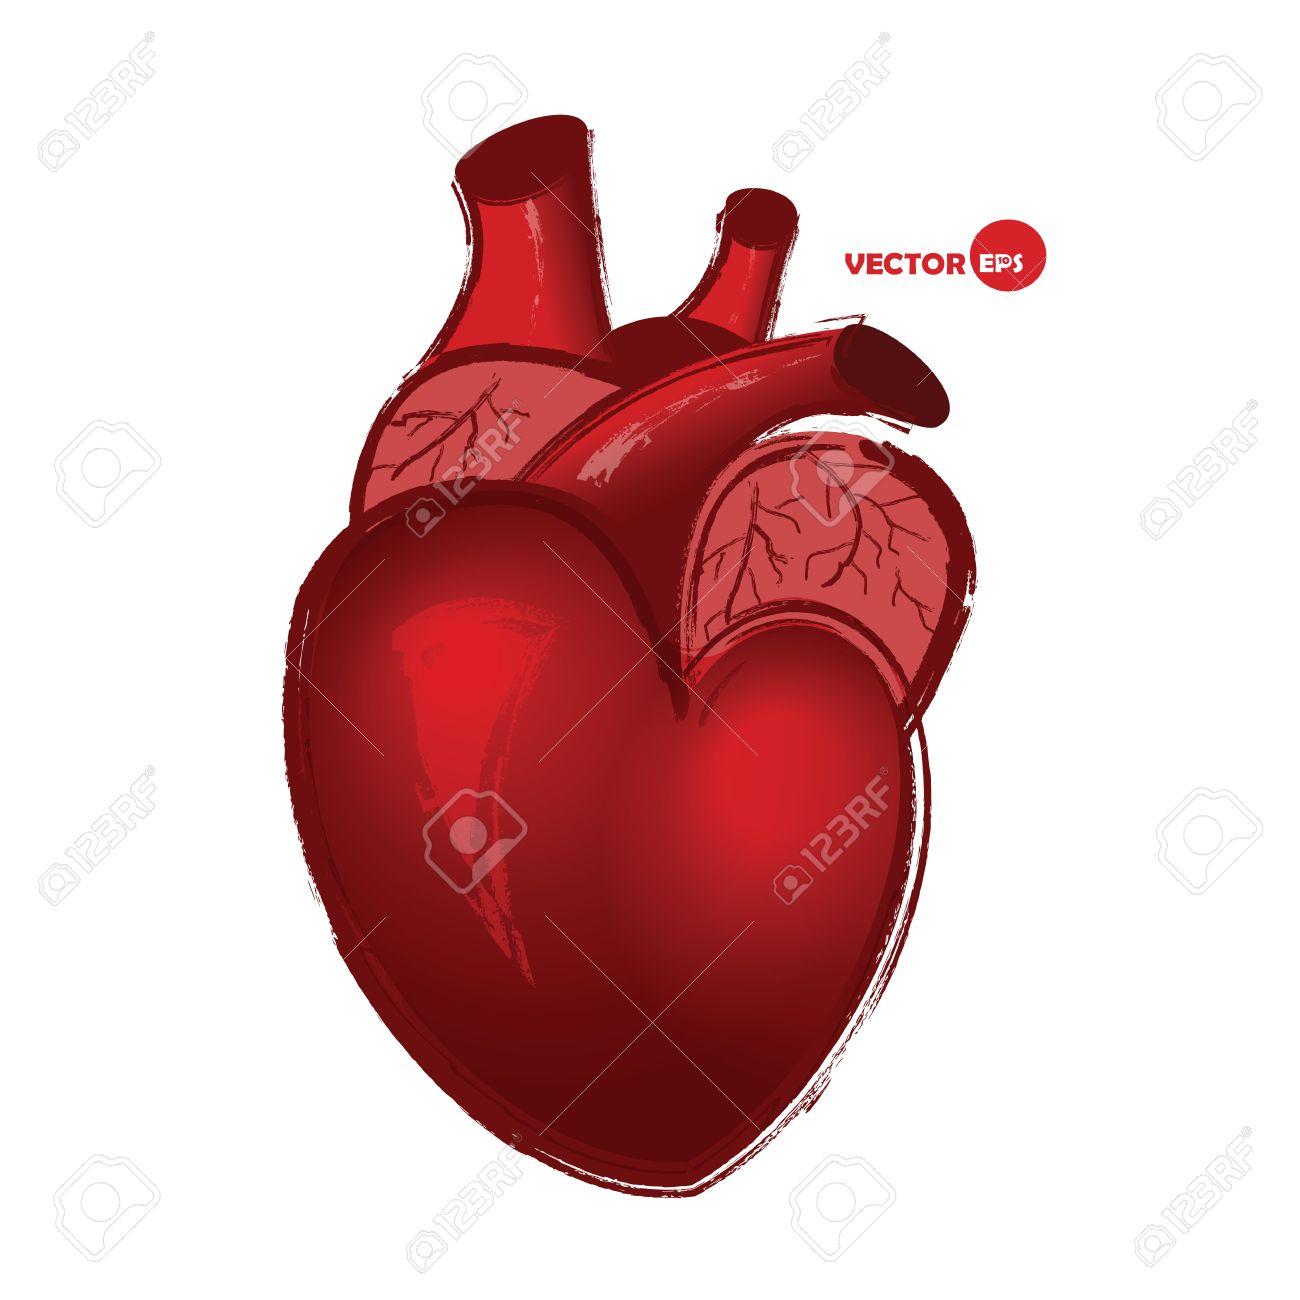 Corazón Humano Anatómico Sobre Fondo Blanco, Dibujo En Estilo De ...